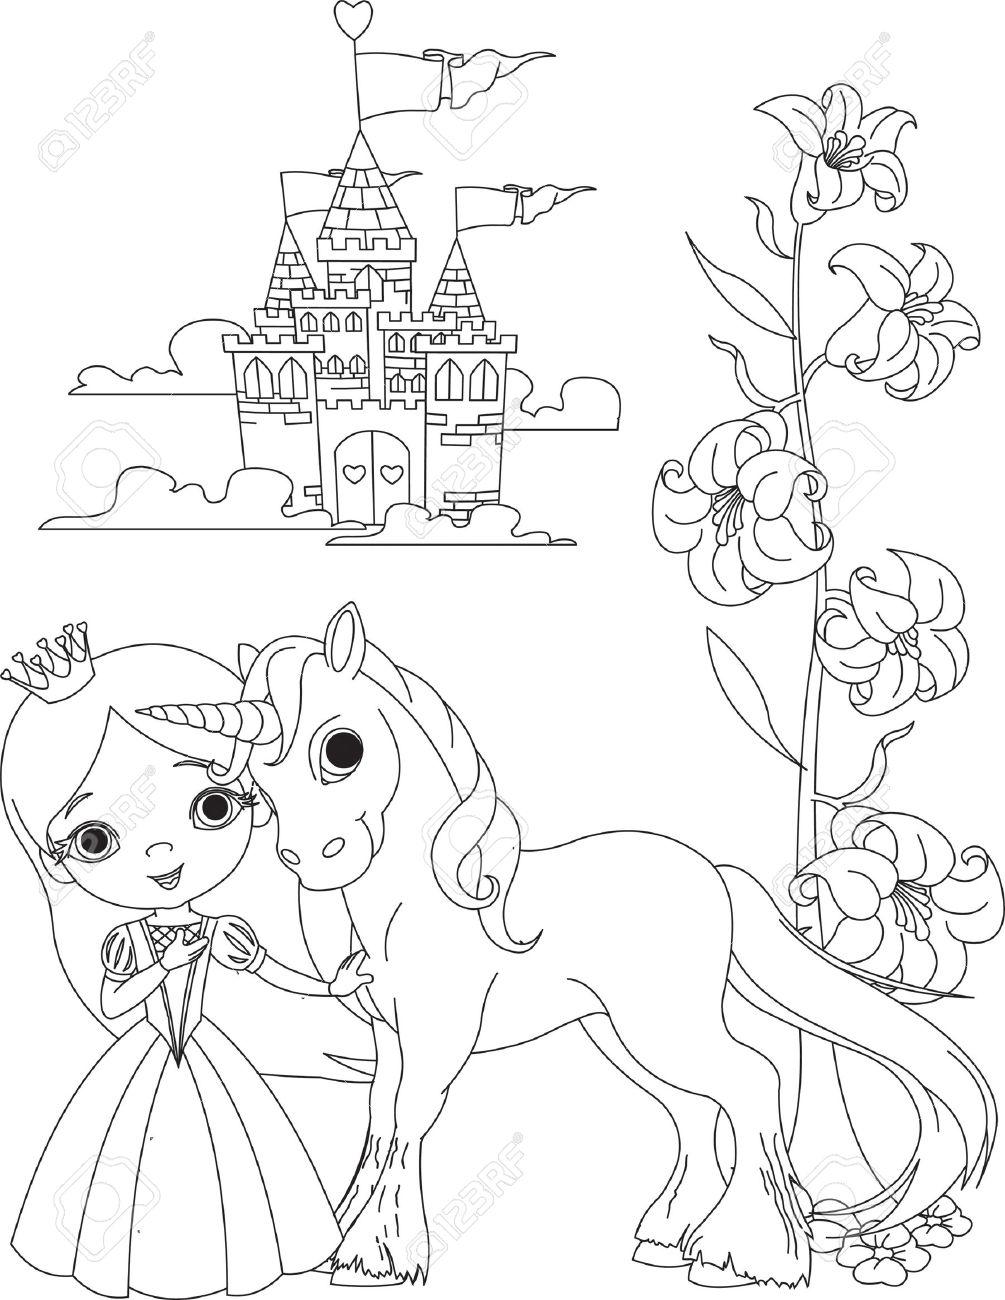 La Belle Princesse Et Sa Licorne Cute Page A Colorier Clip Art Libres De Droits Vecteurs Et Illustration Image 9078419